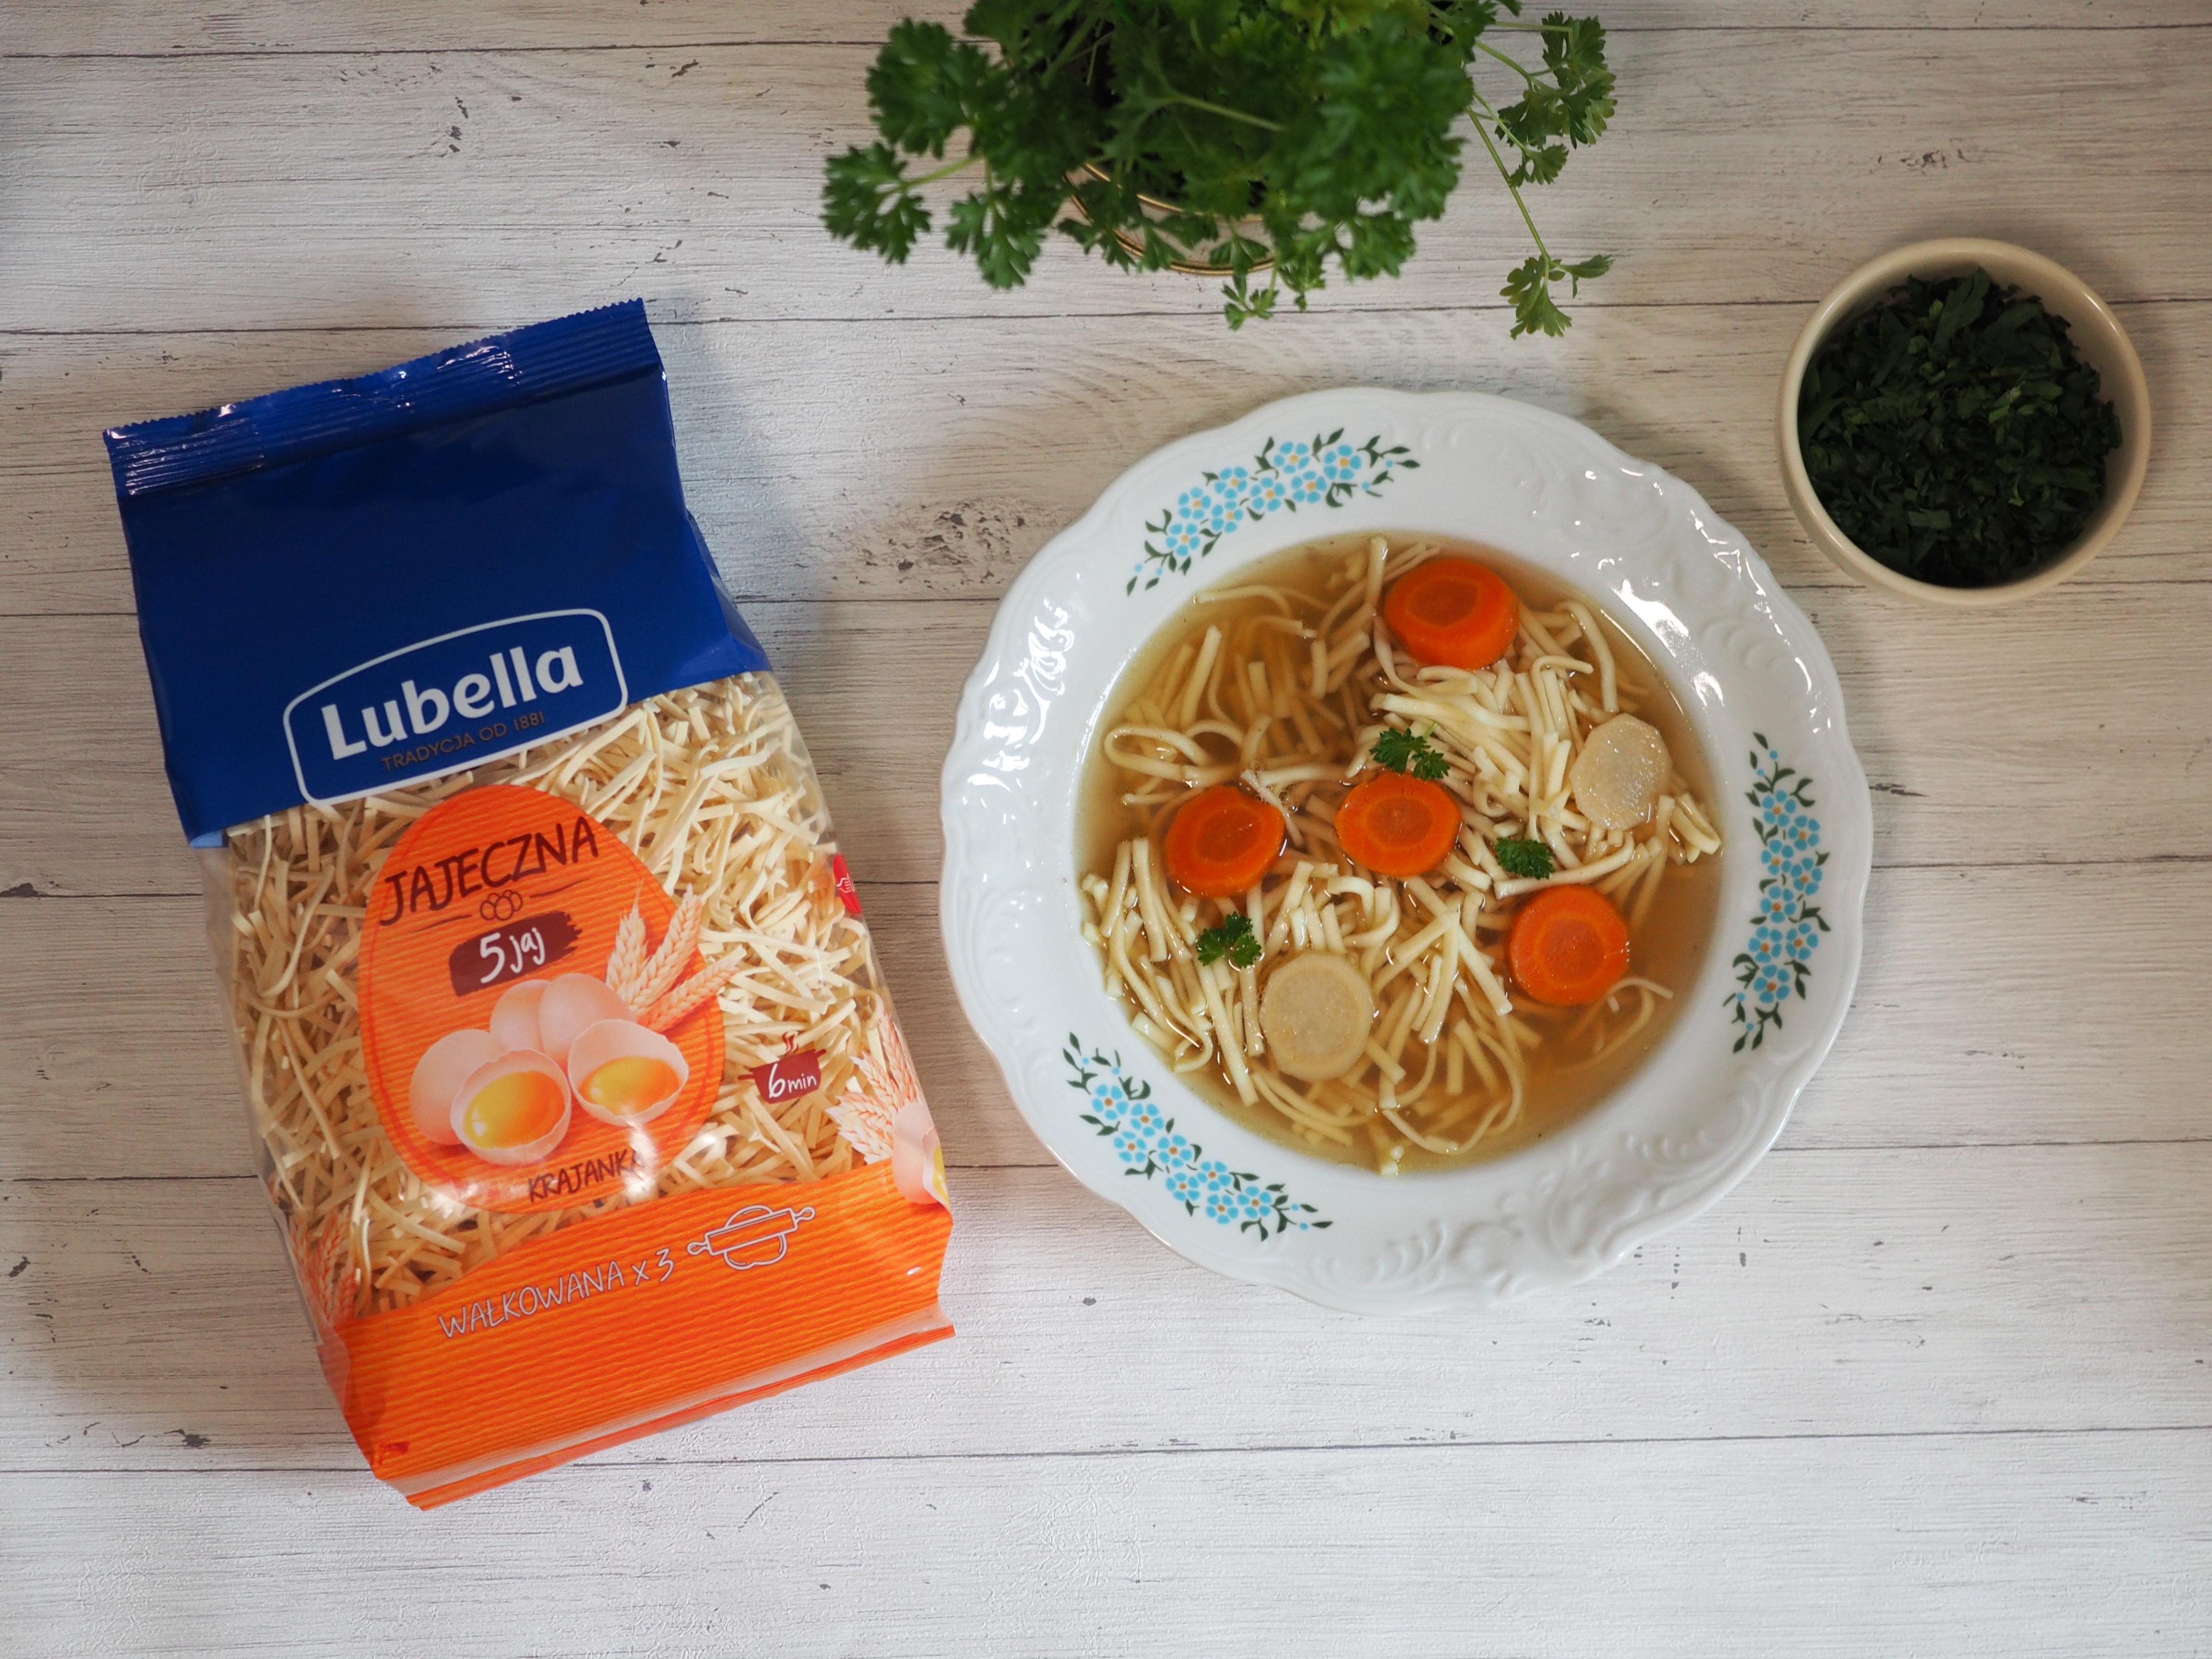 Lubella: Inspiracje i porady na pyszne i tradycyjne zupy